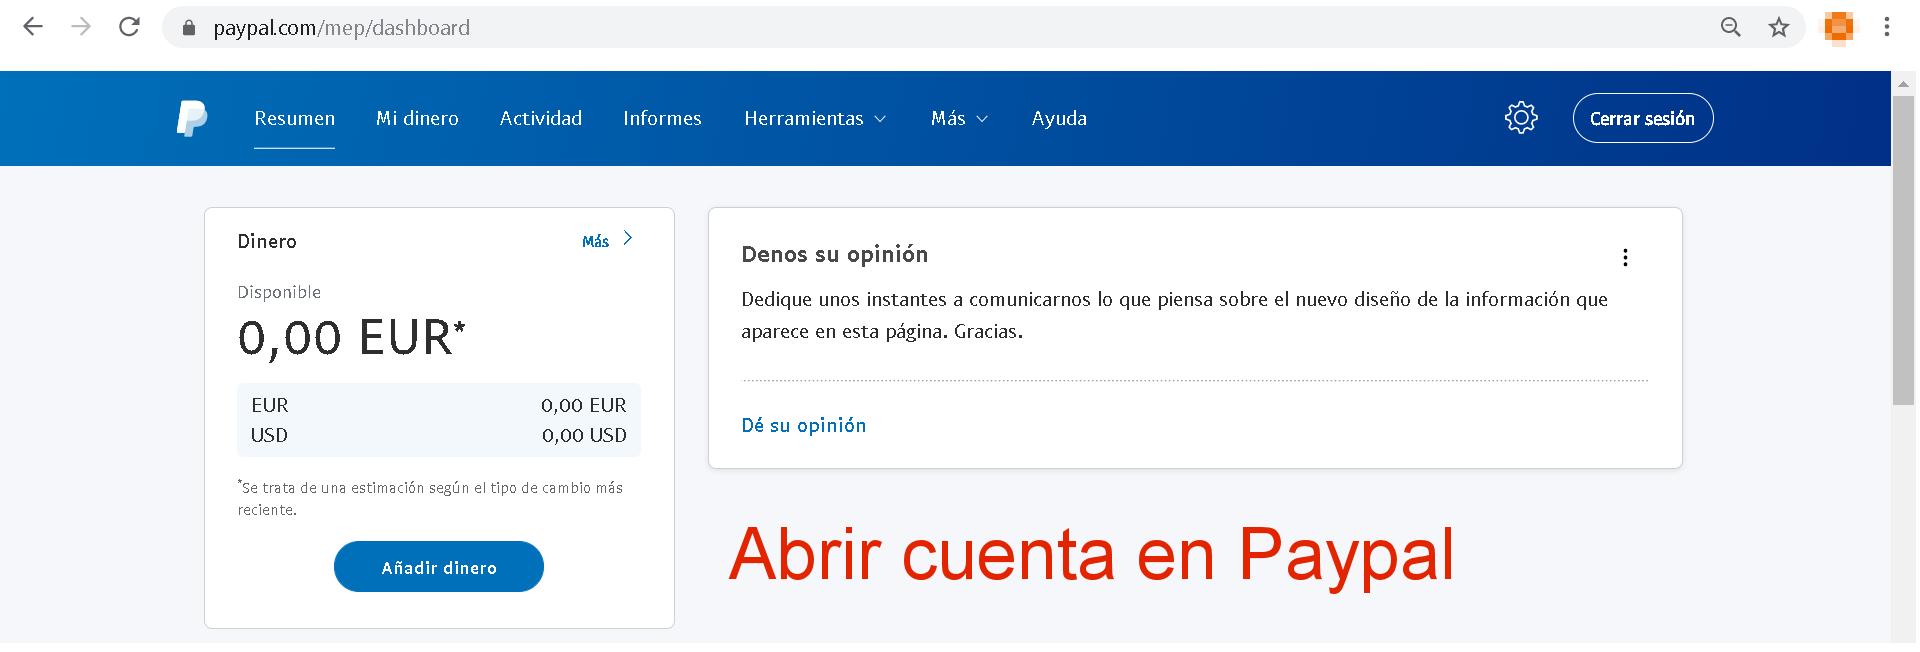 Abrir cuenta en Paypal